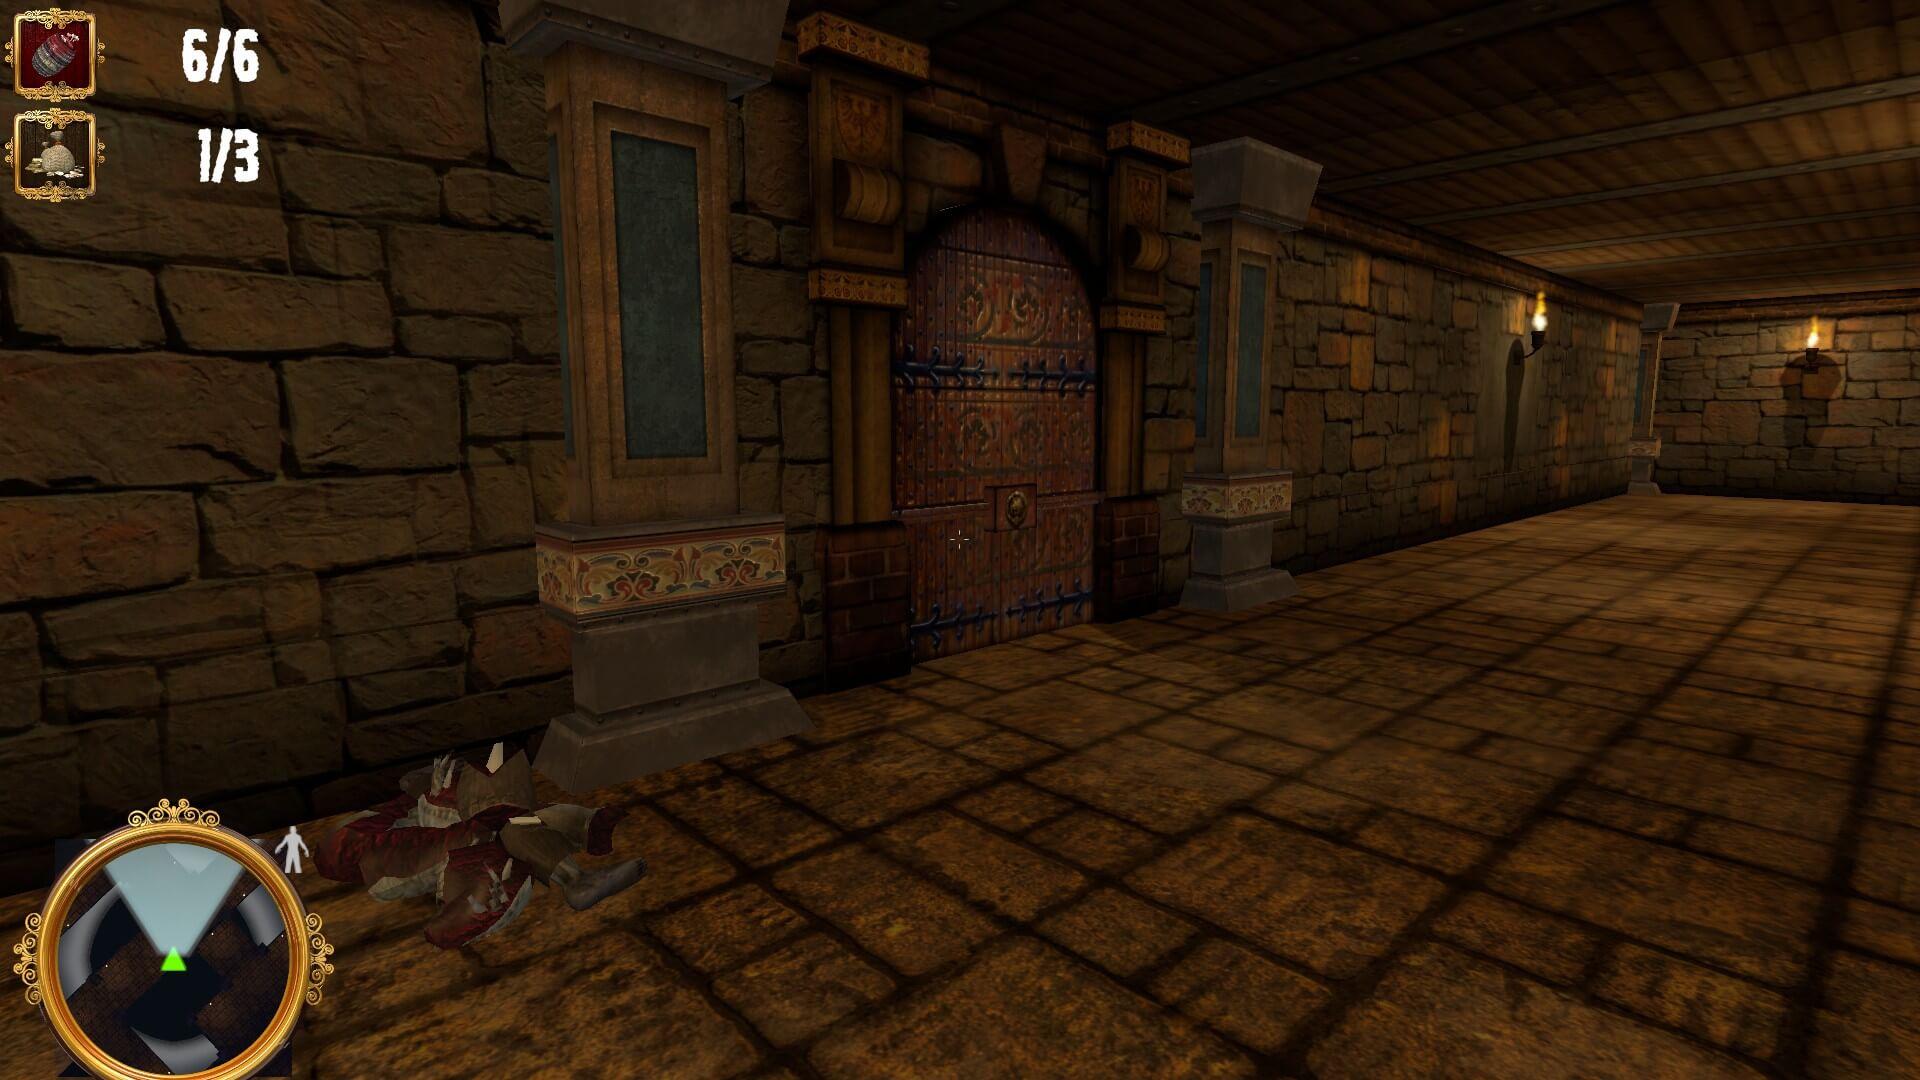 The Caretaker – Dungeon Nightshift: Hier muss noch aufgeräumt werden (Bildrecht: Bluebox Interactive)